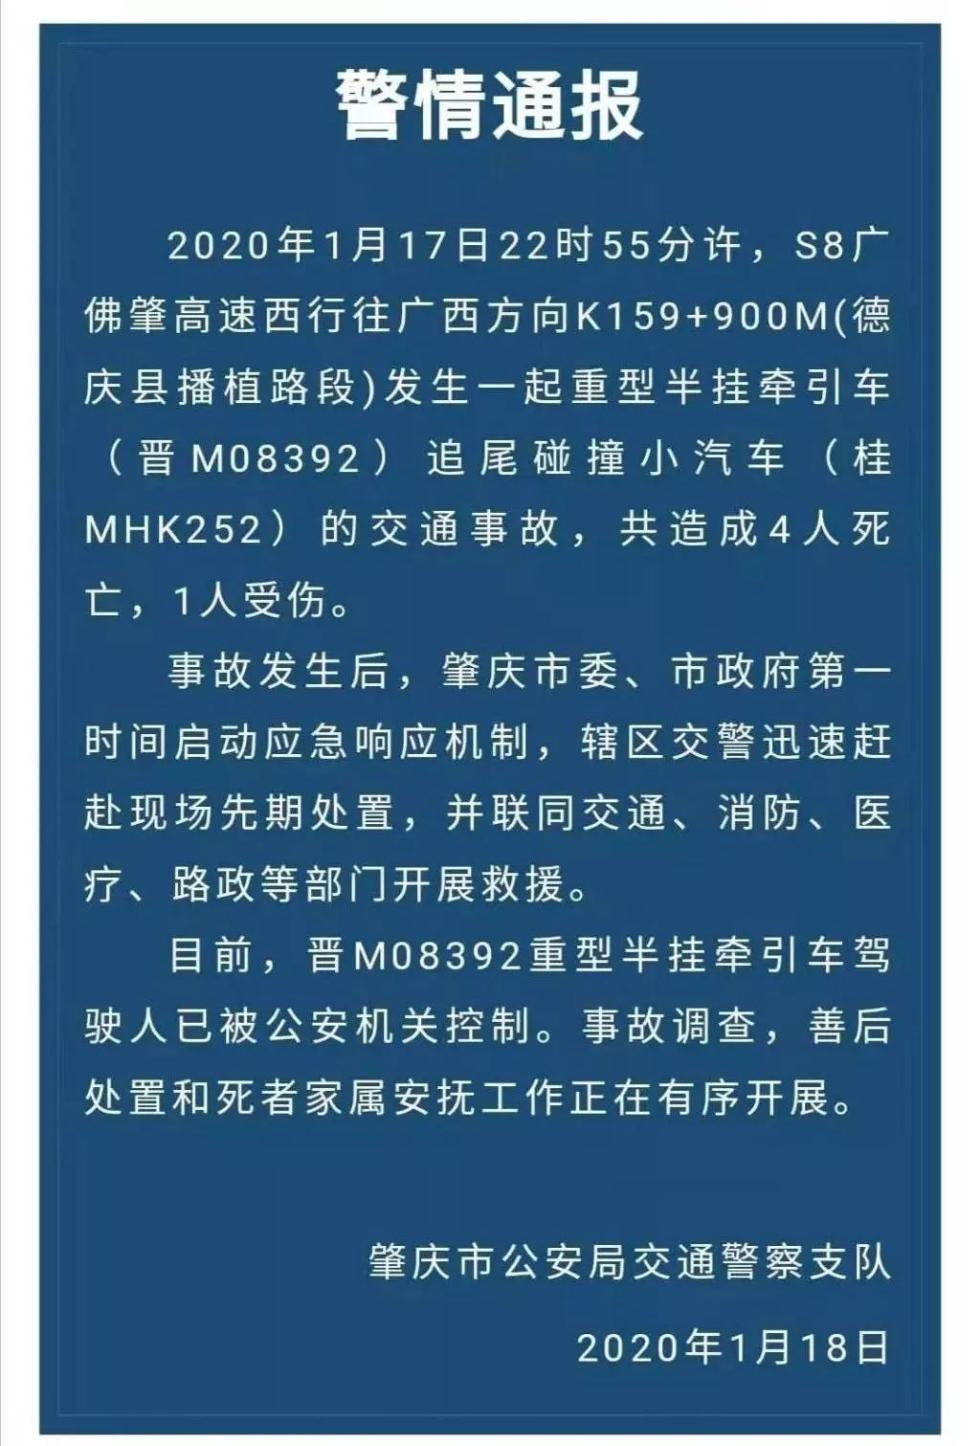 突发!广东肇庆一重型半挂牵引车追尾小车 造成四死一伤